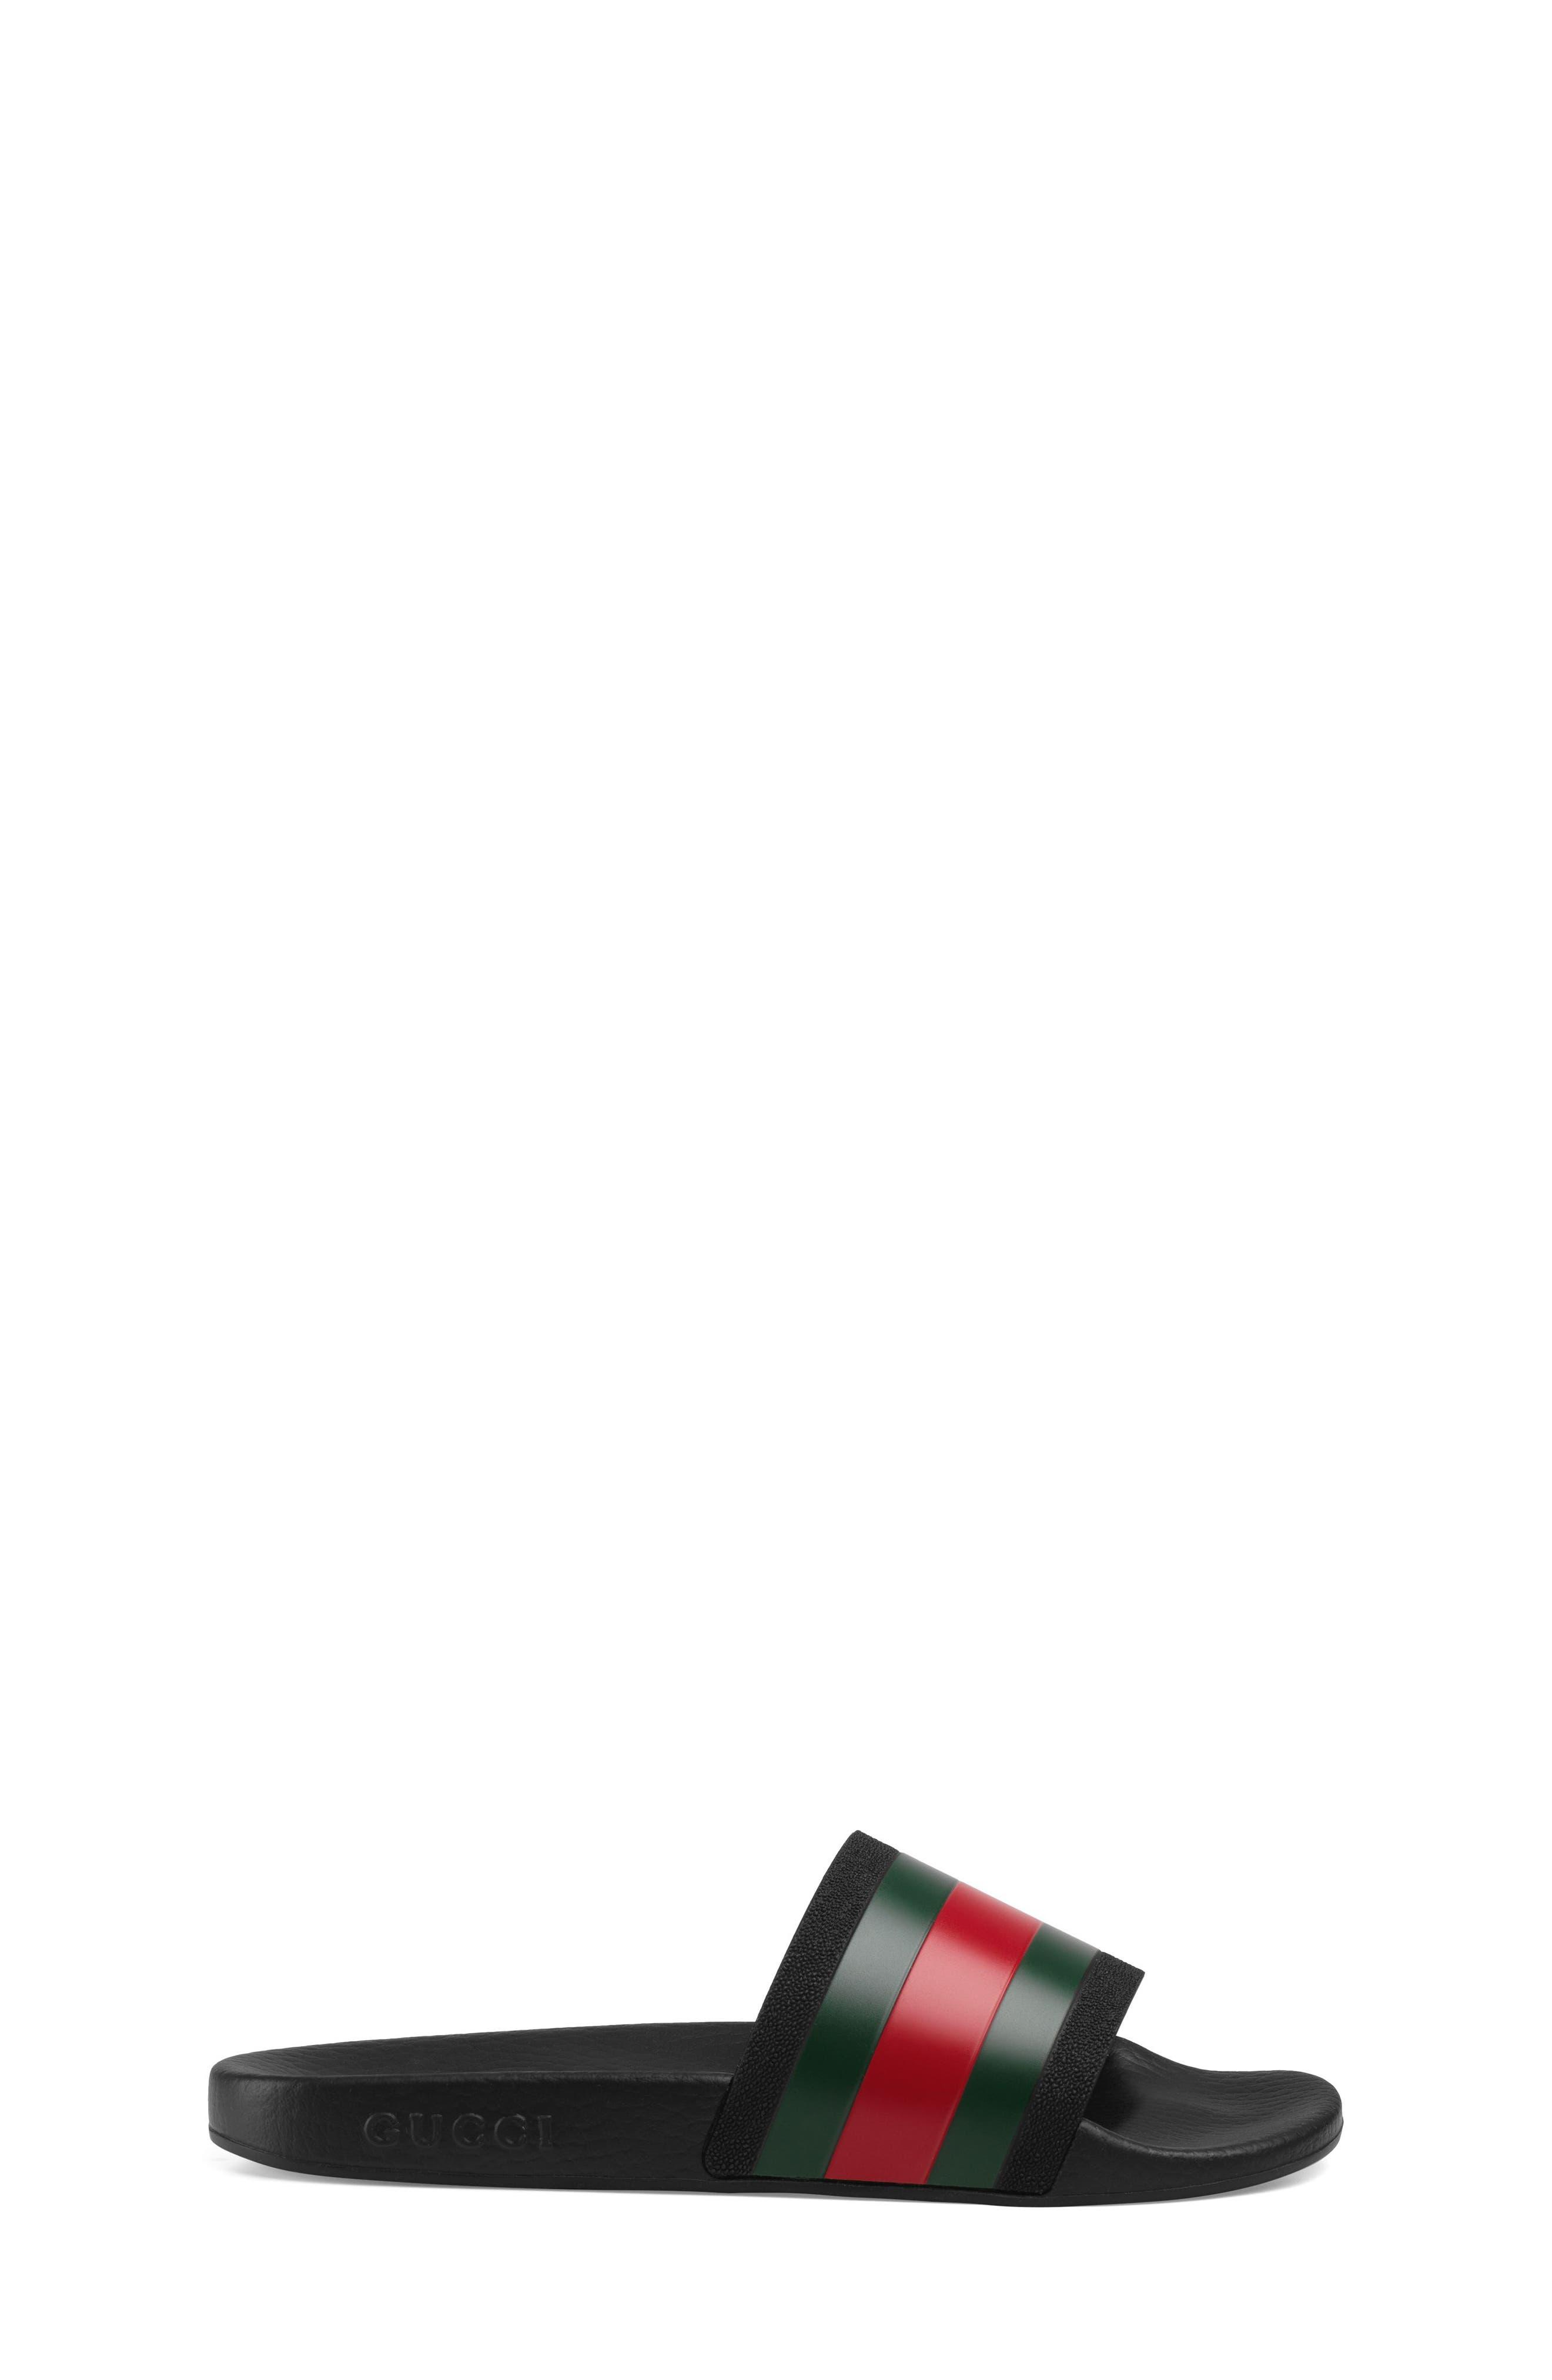 Pursuit Slide Sandal,                             Alternate thumbnail 3, color,                             001